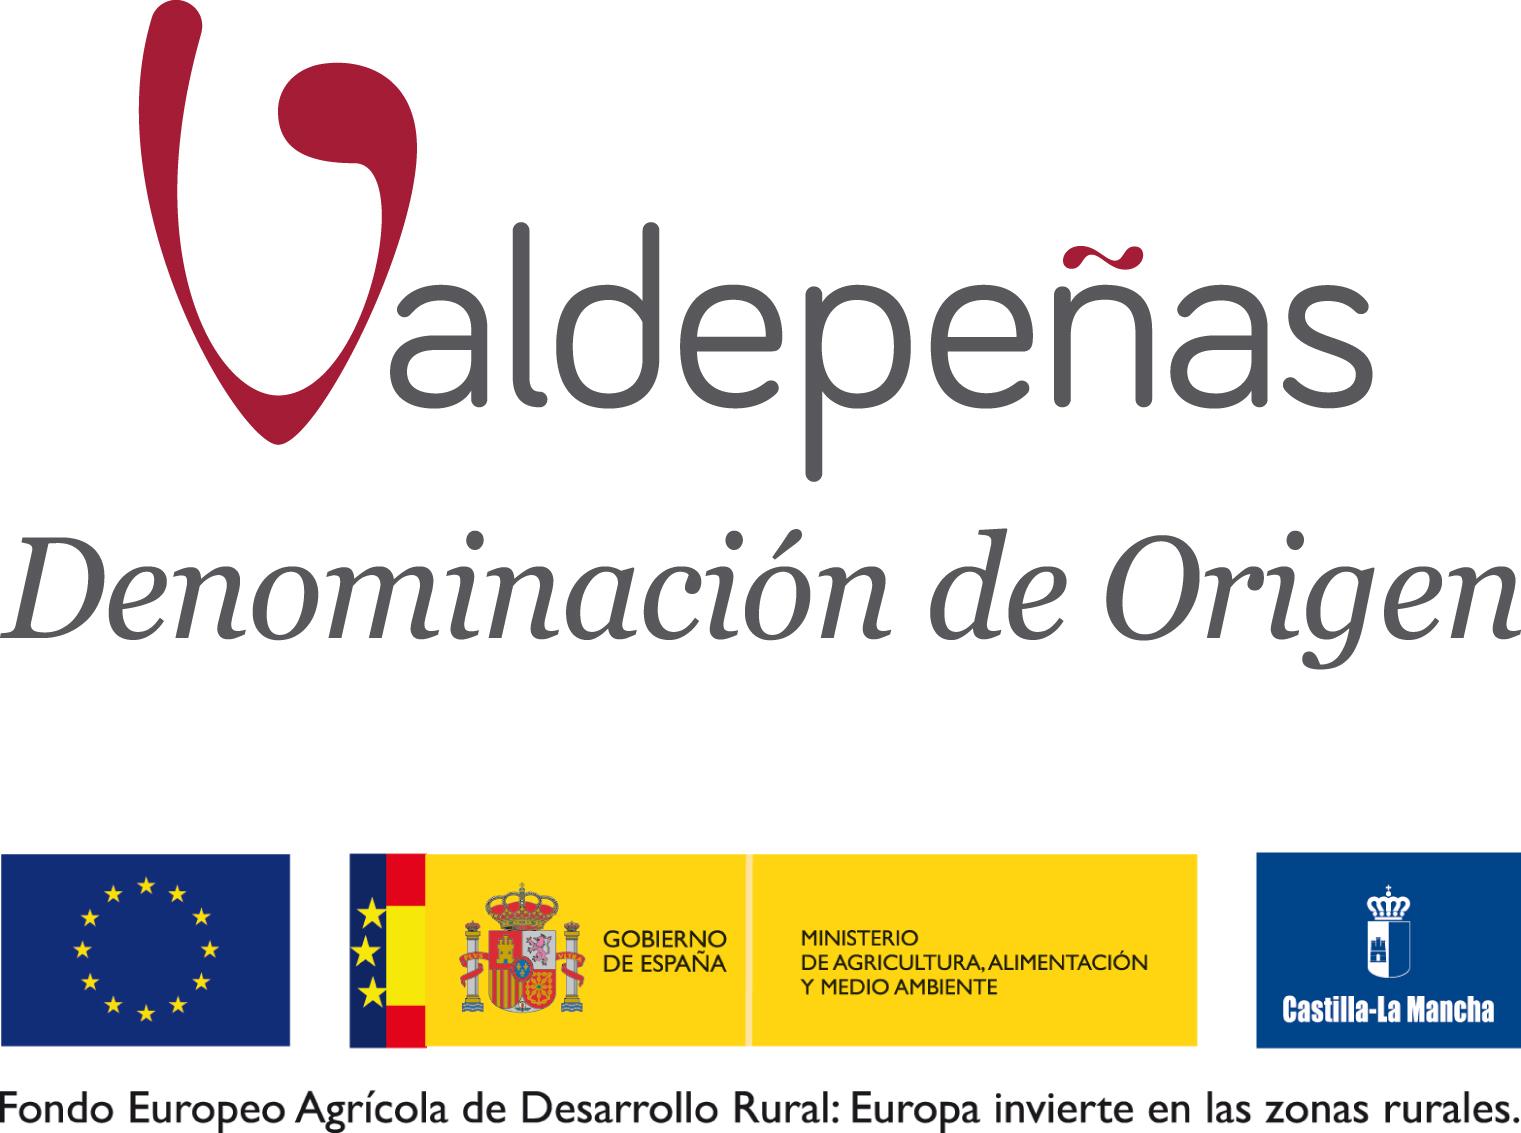 DENOMINACIÓN DE ORIGEN VALDEPEÑAS